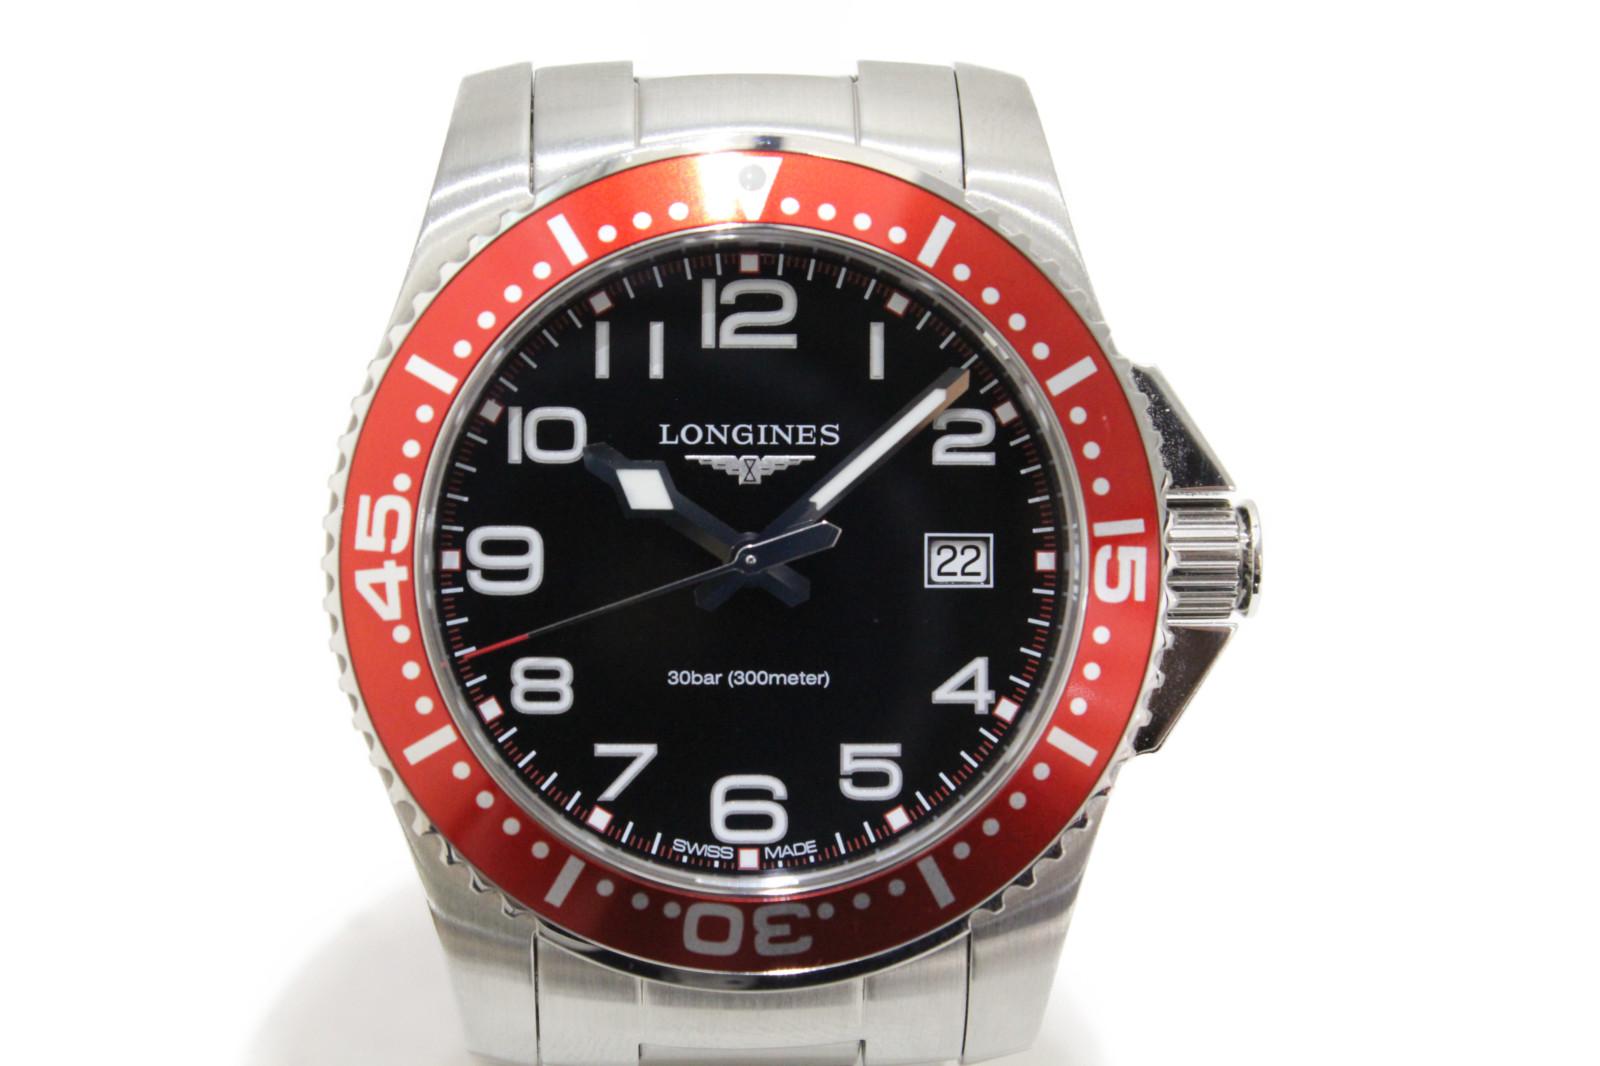 【ギャラ有】LONGINES ロンジン ハイドロコンクエスト L3.689.4.59.6 クオーツ デイト 300m防水 SS ステンレススチール ブラック レッド メンズ 腕時計【中古】